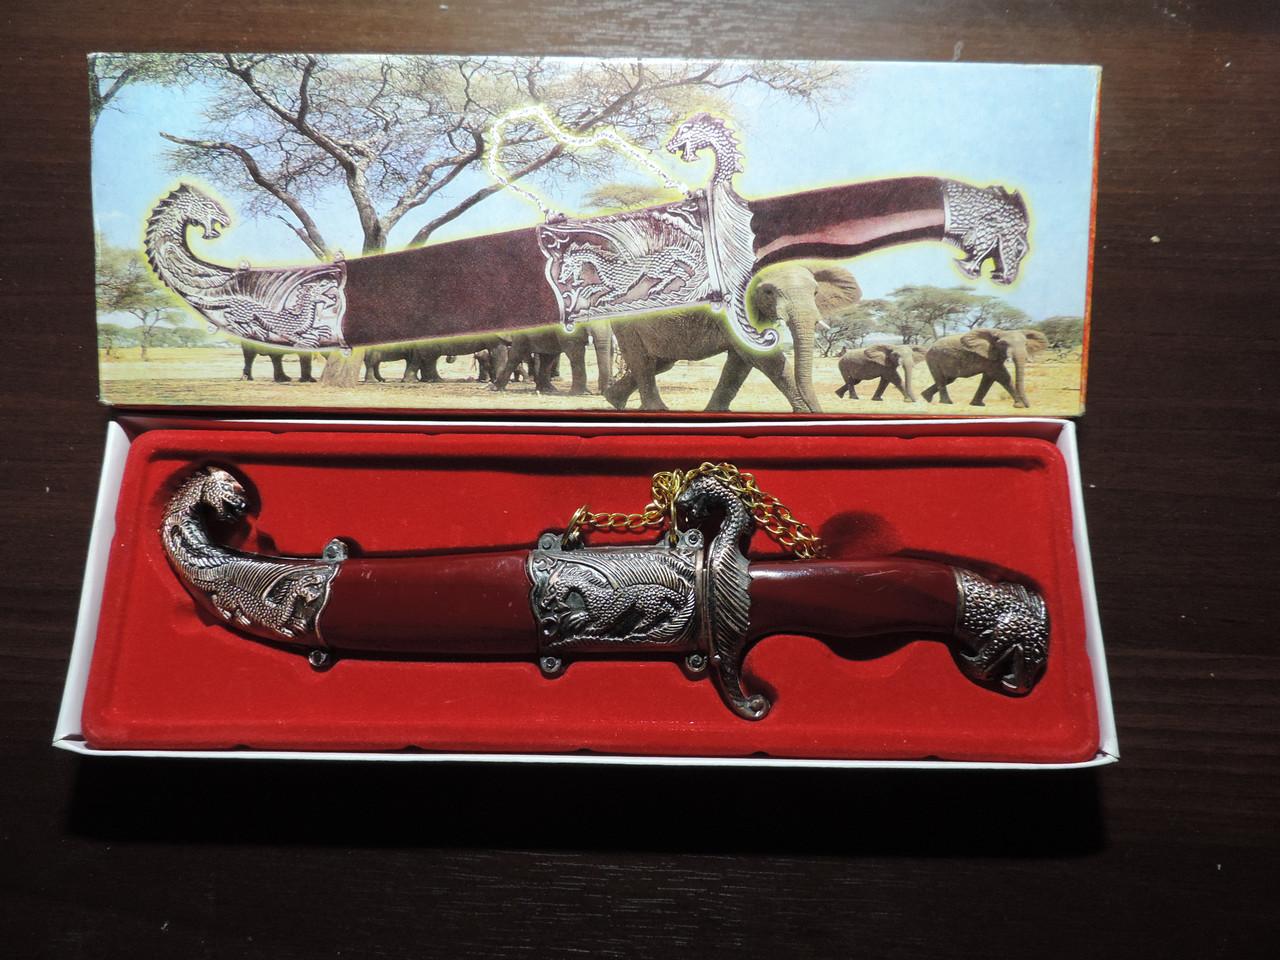 """Сувенирный нож """"ДРАКОН"""" - талисман на удачу в бизнесе и жизни."""